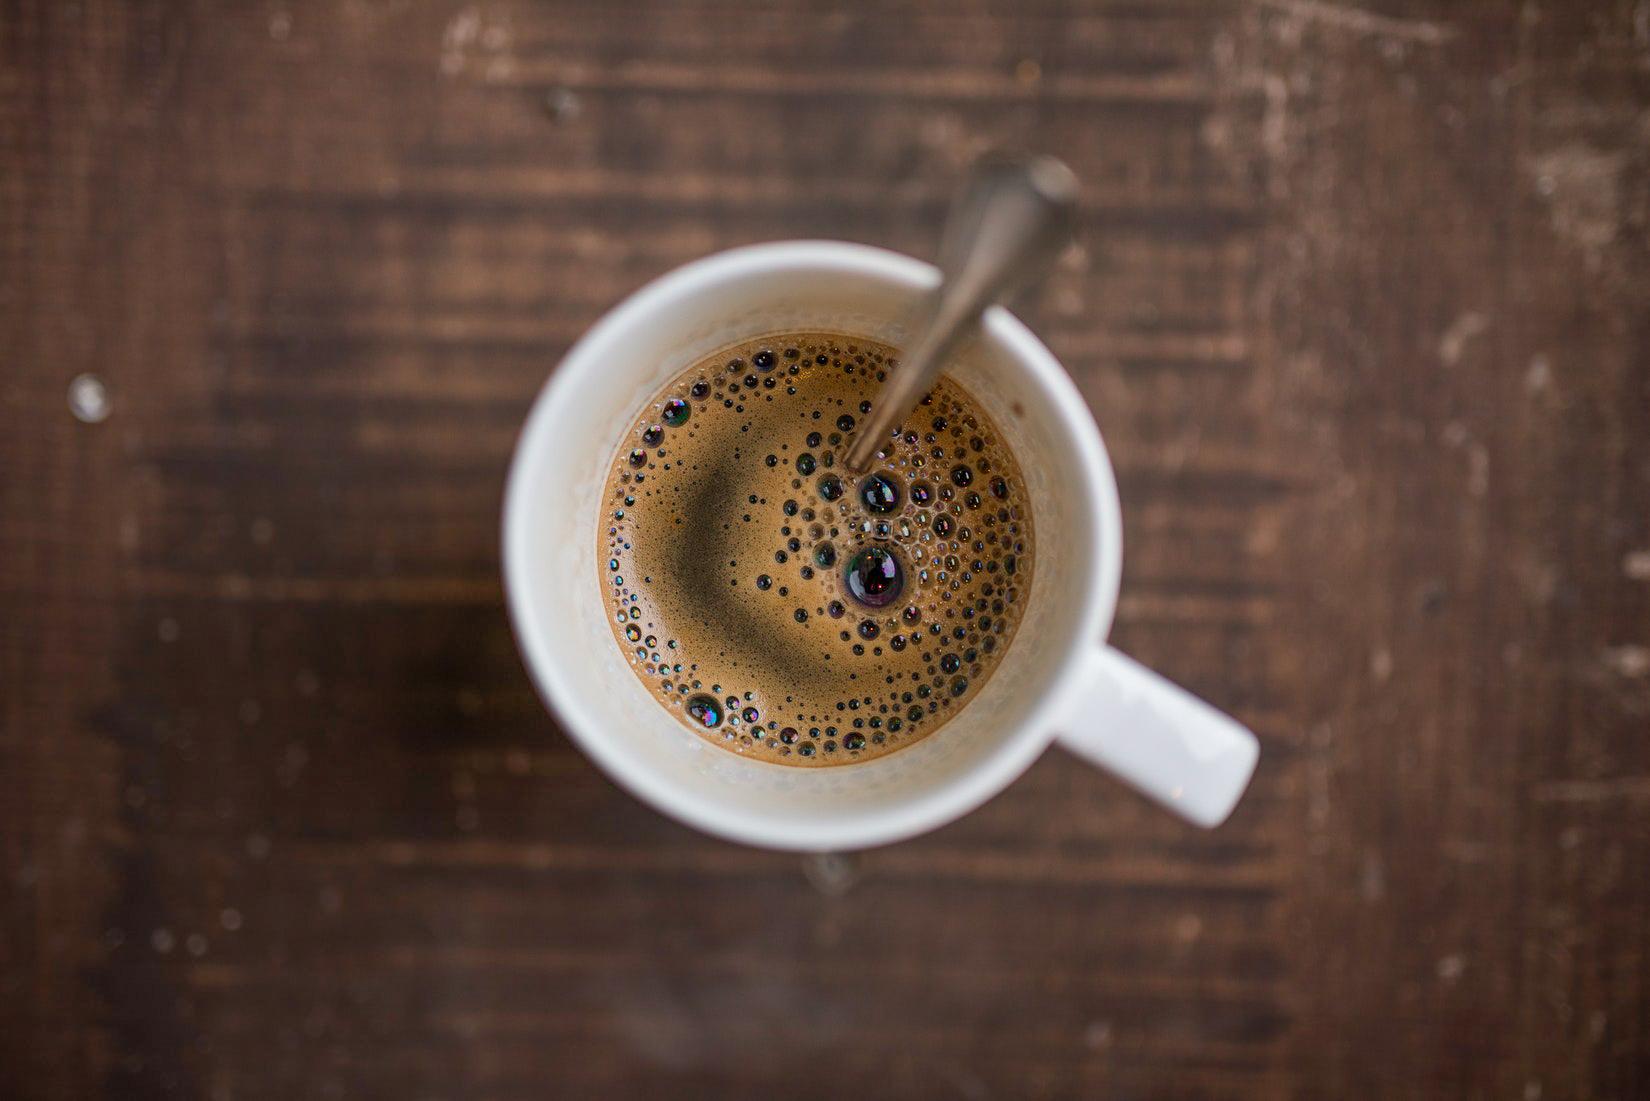 イノダコーヒ×プールアニック イタリアンエスプレッソコーヒー 現在庫限りで販売終了のお知らせ。